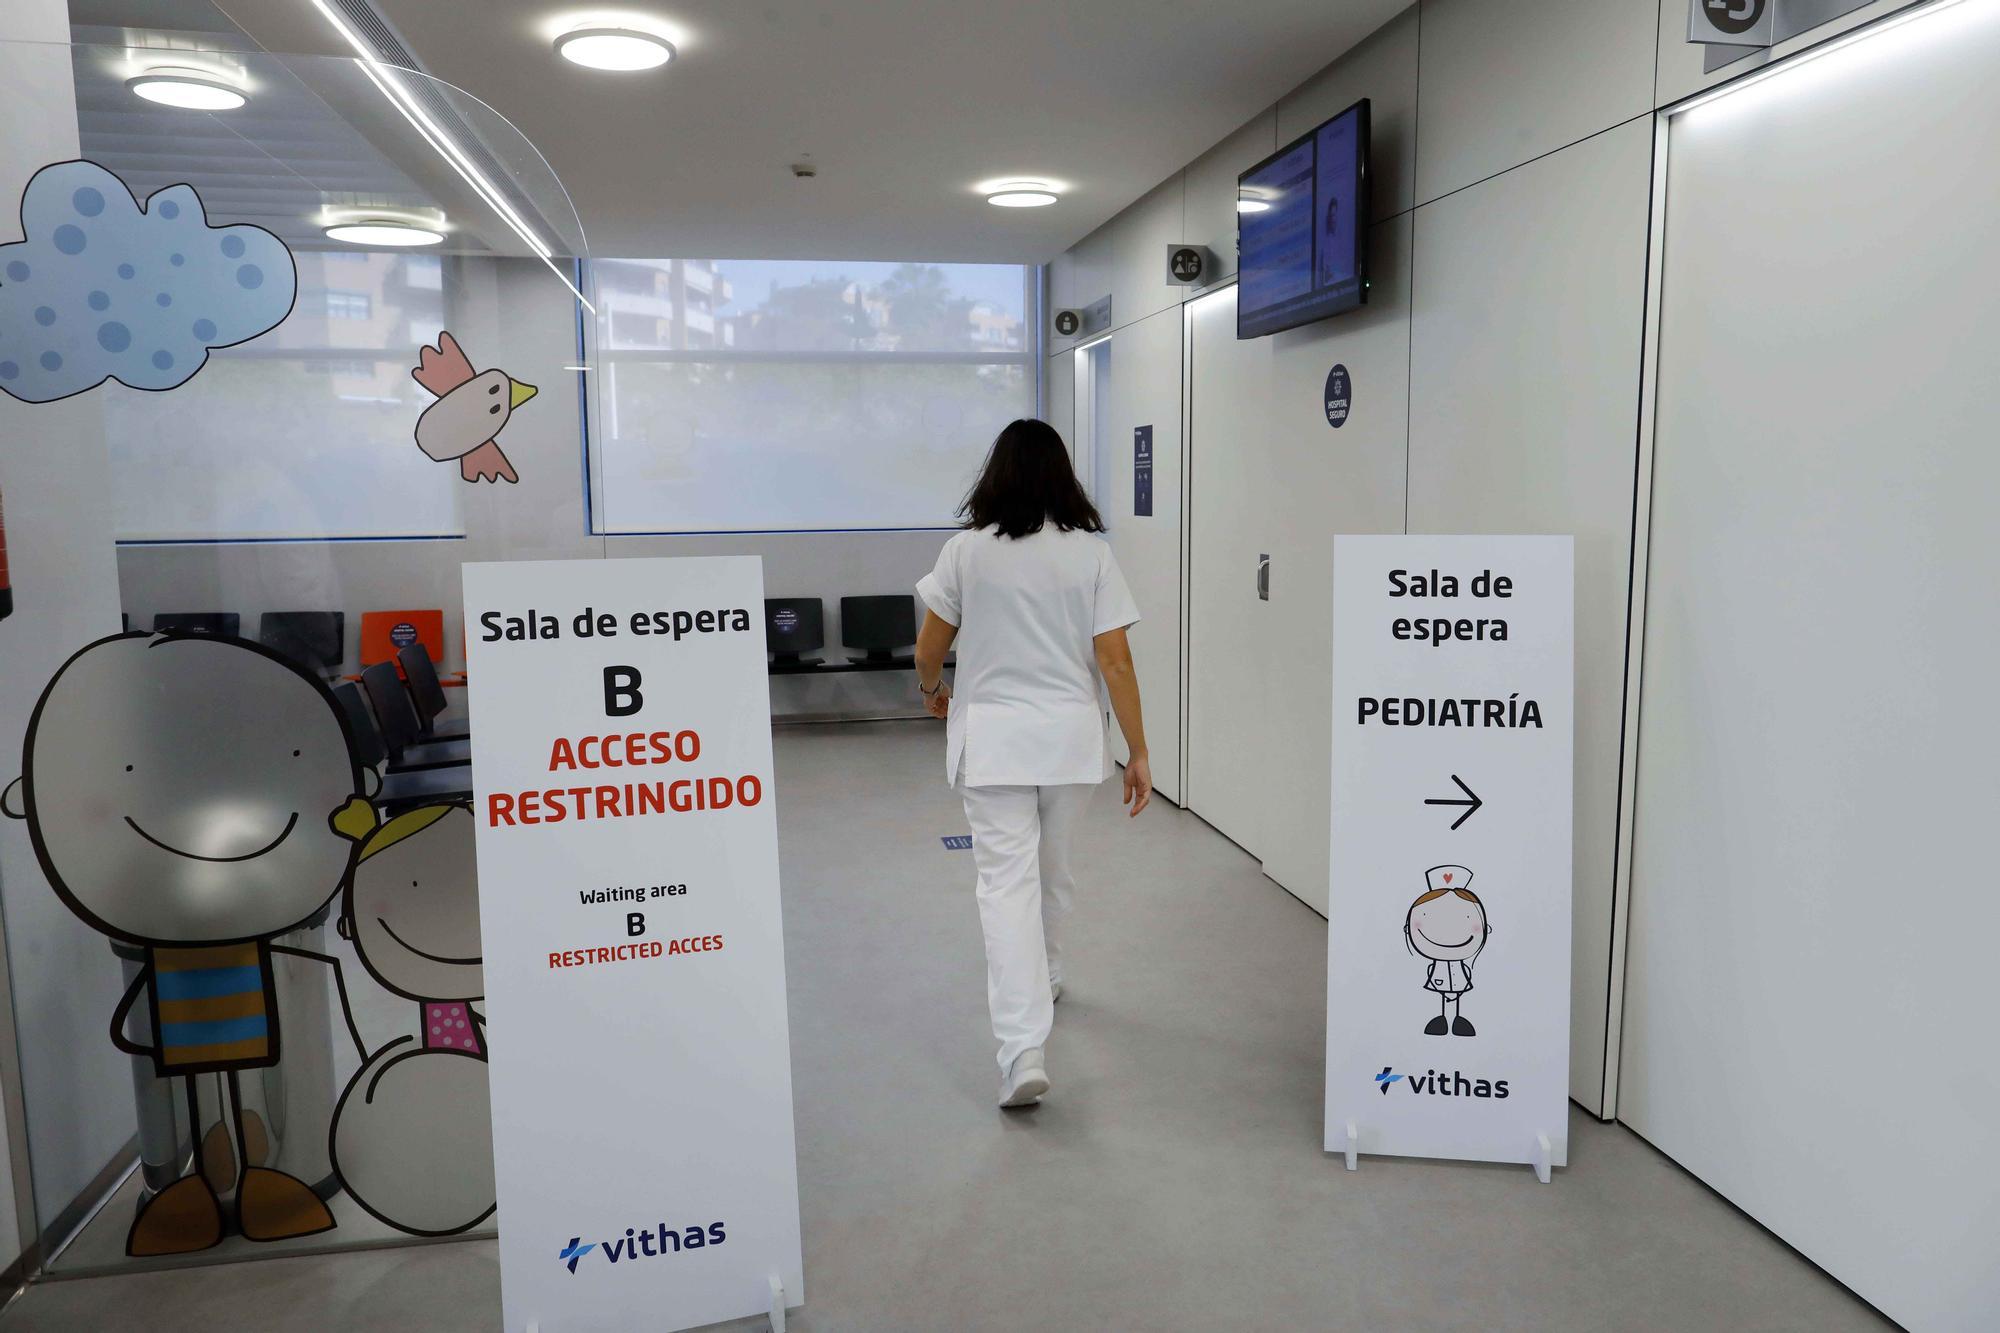 Servicio de Urgencias del Hospital Vithas Valencia 9 de Octubre